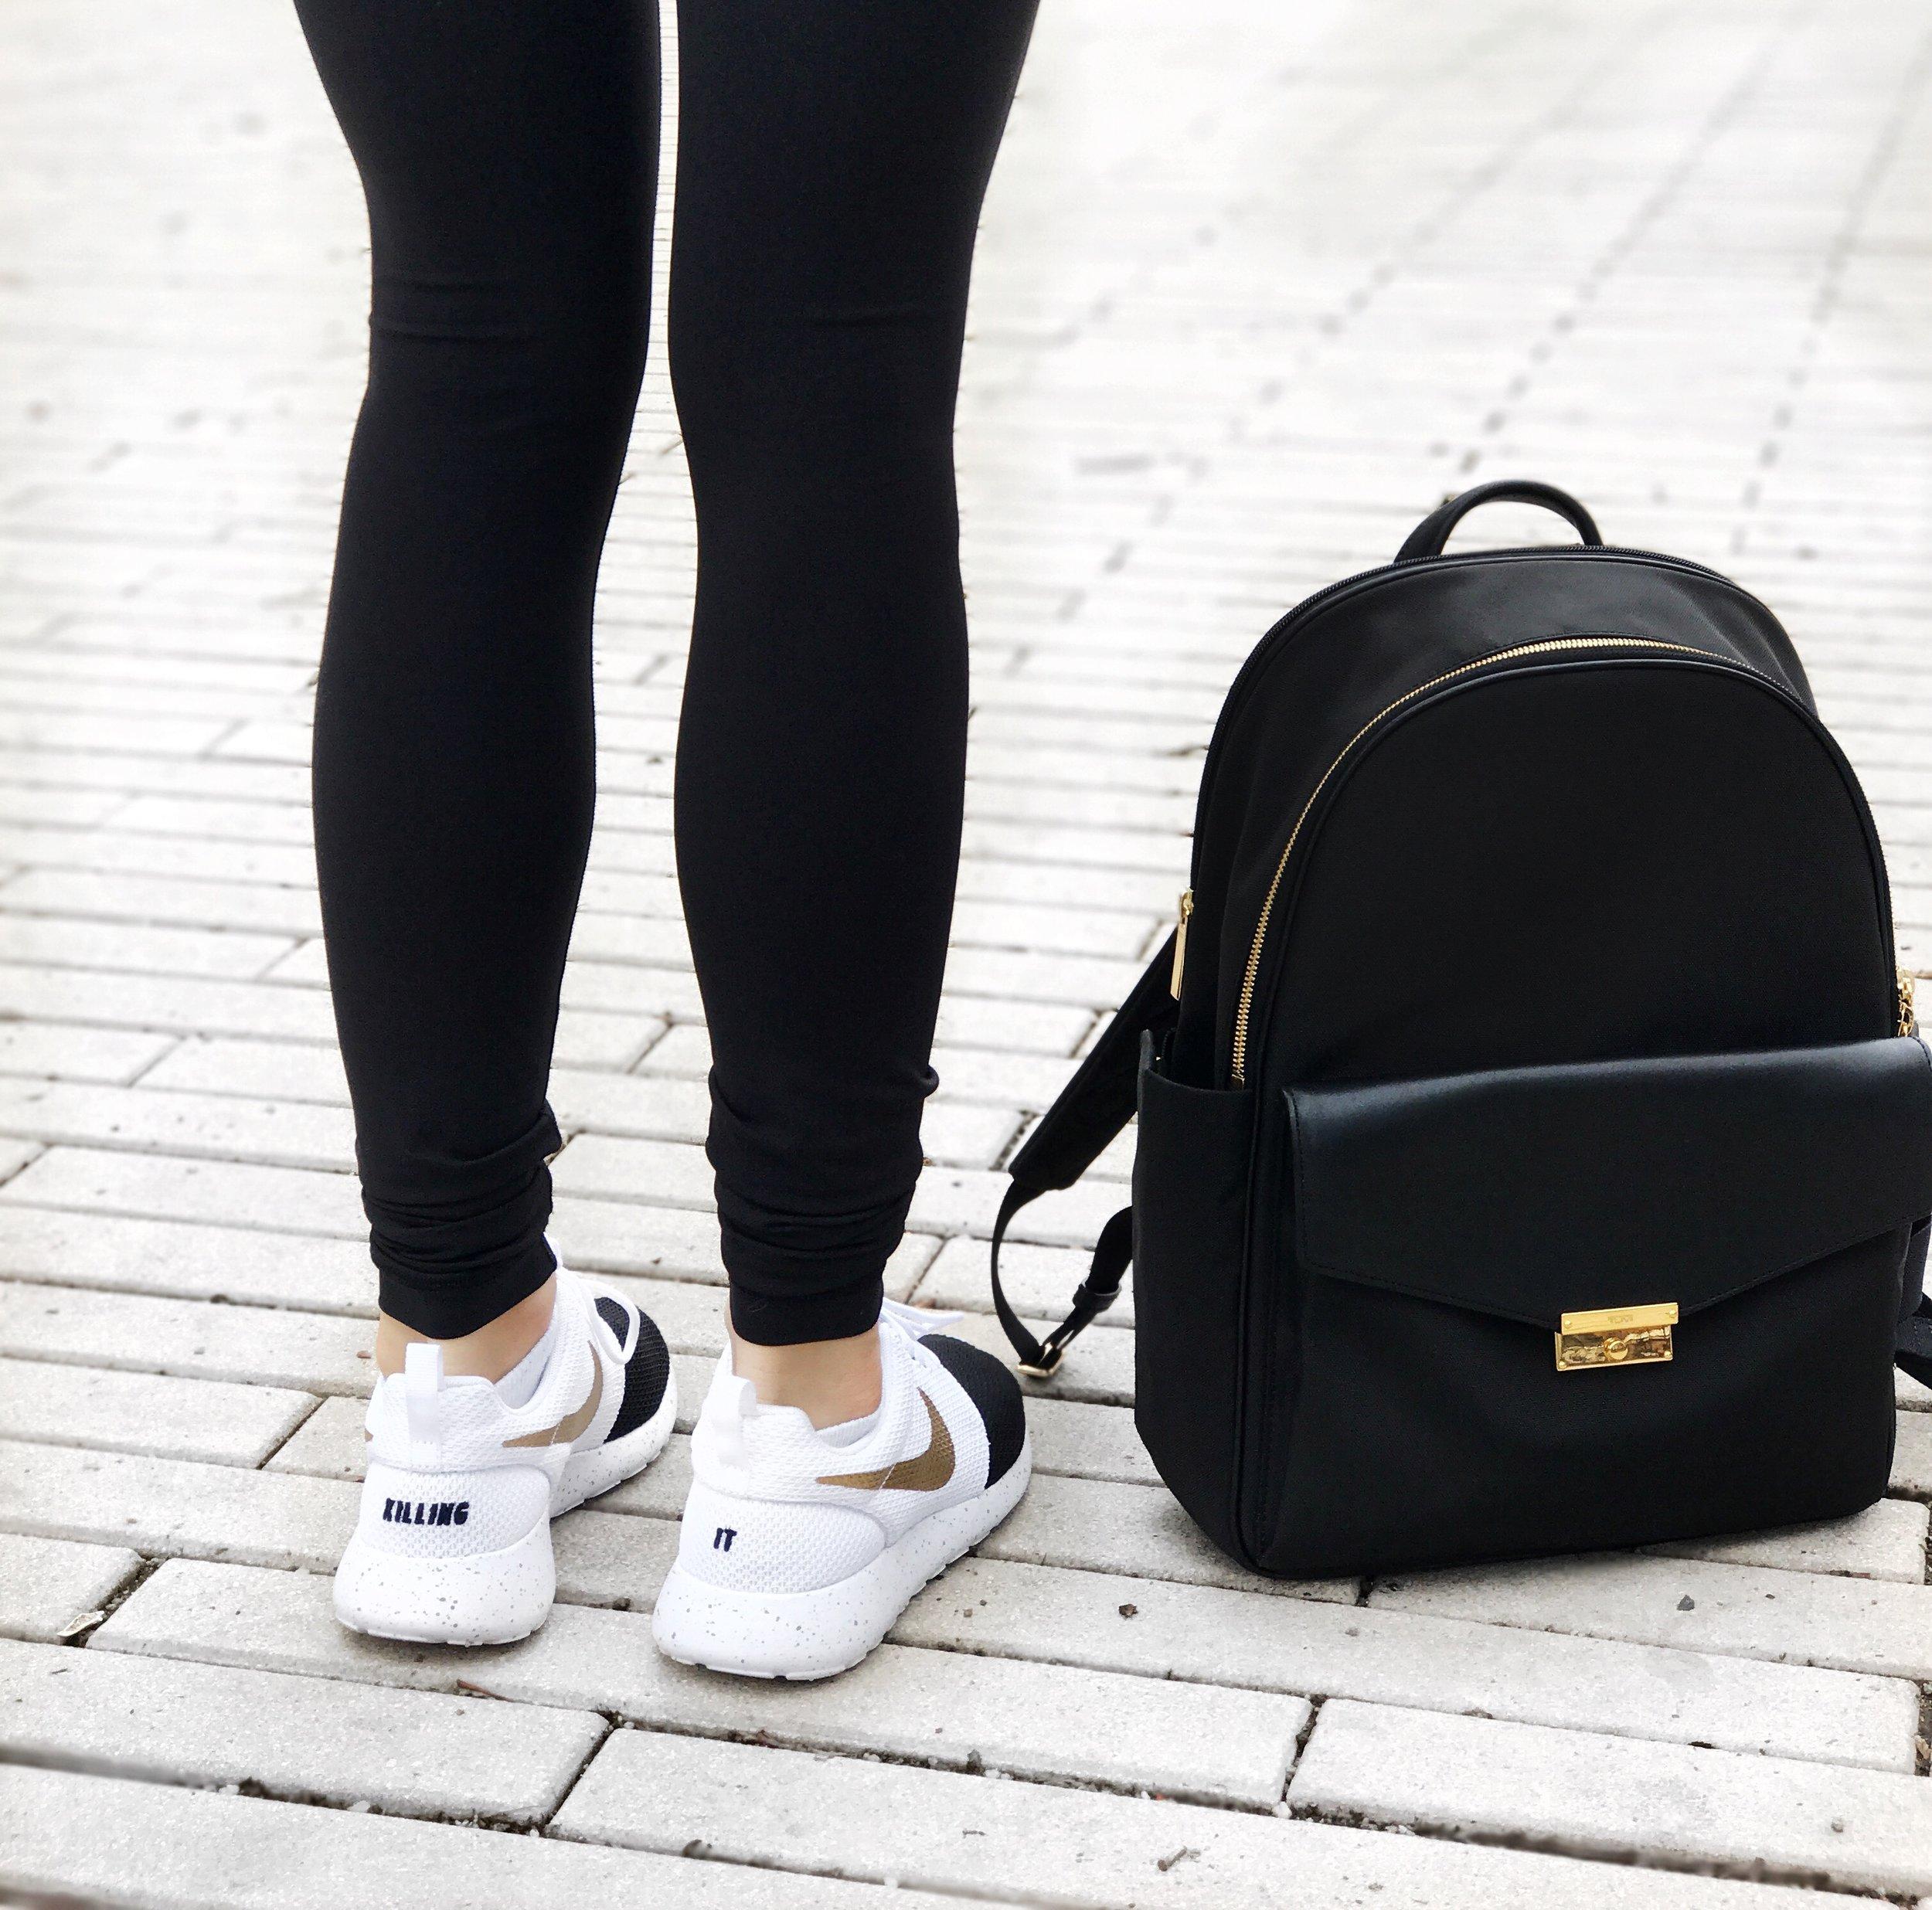 Tumi Backpack, $395